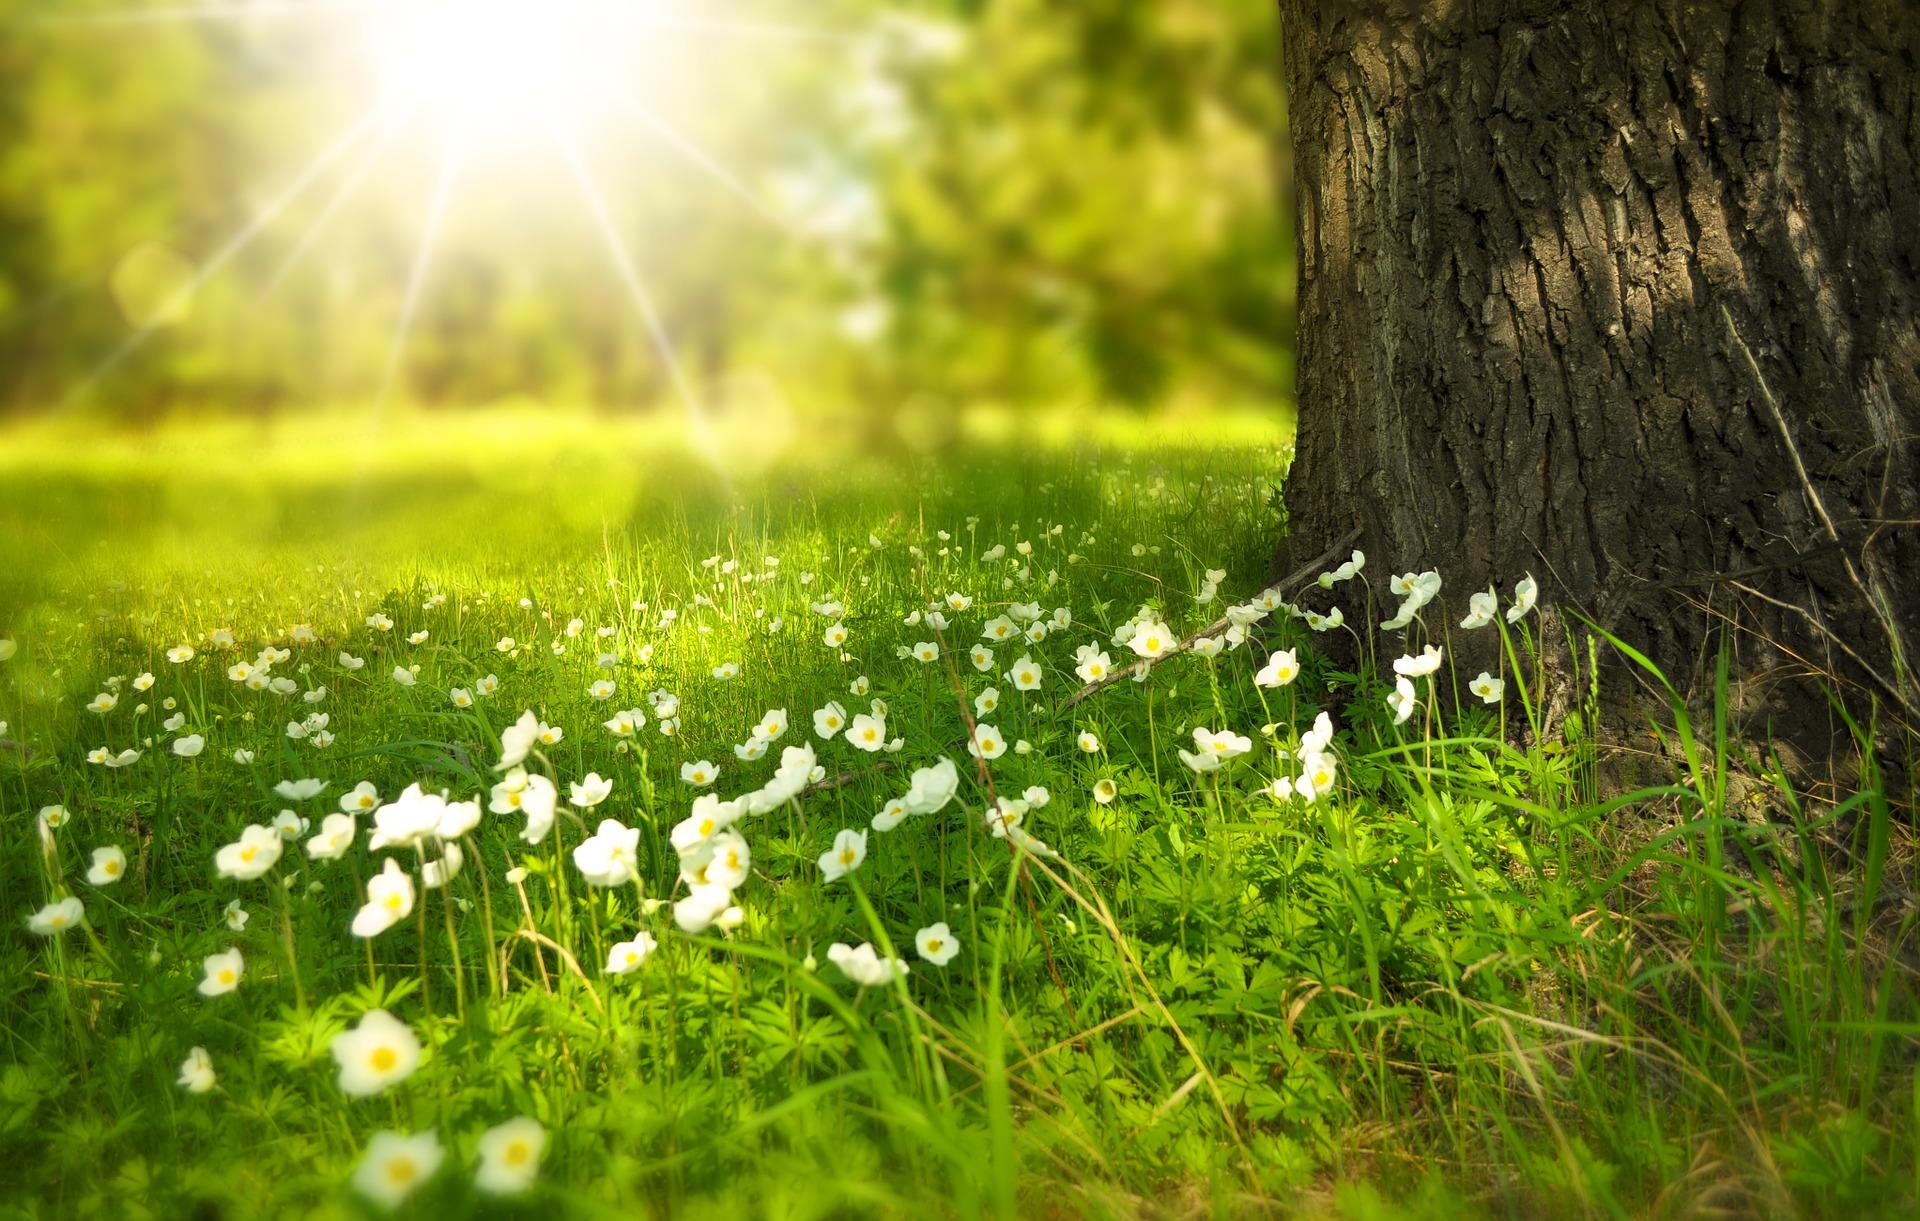 Niềm vui lớn nhất nhất trong mùa xuân của cuộc đời là gì?